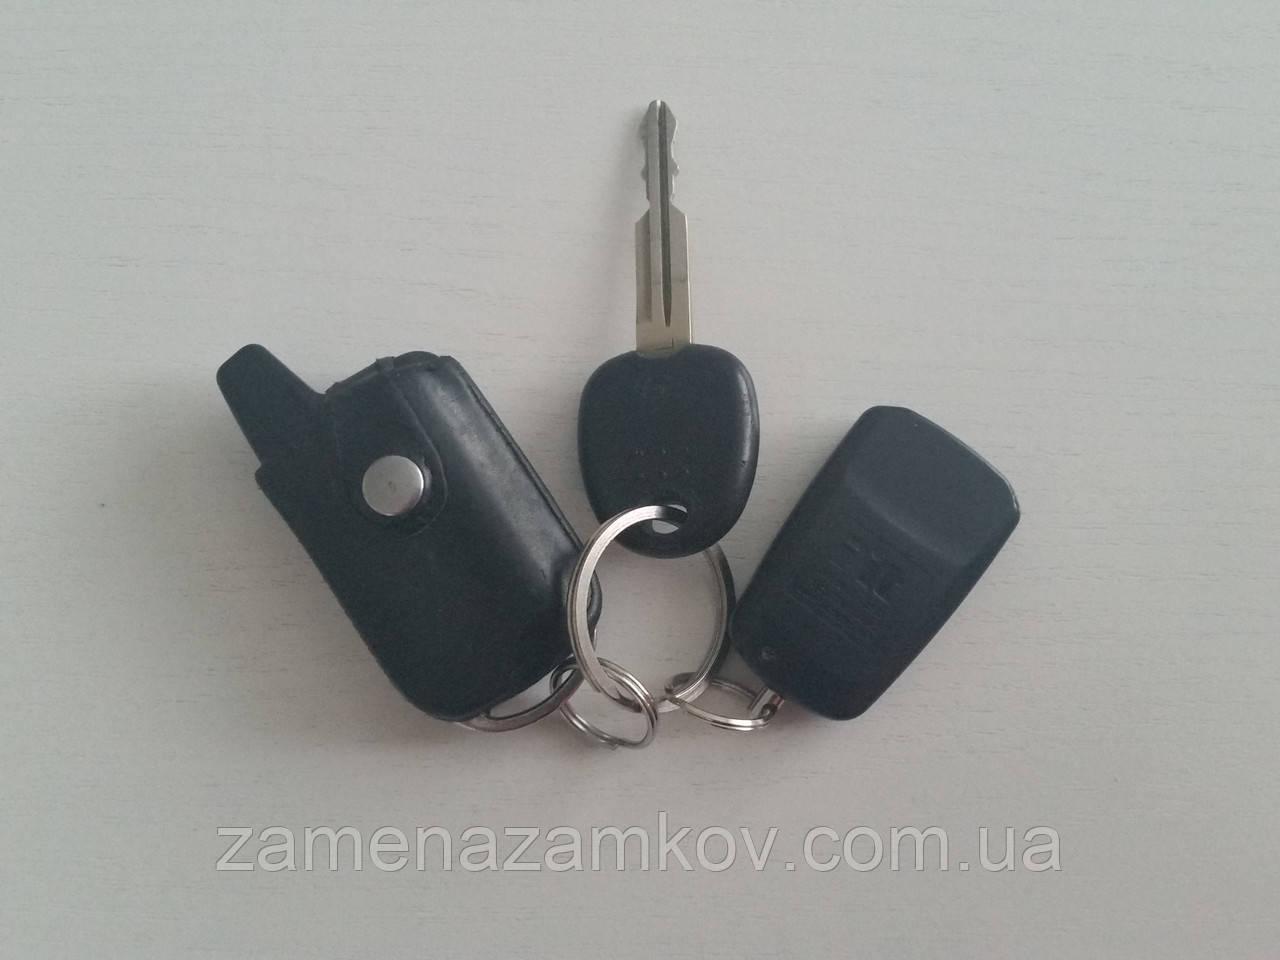 Аварійно відчинити машину Київ Крюковщина, Вишневе захлопнули ключі, заблоковані двері замки